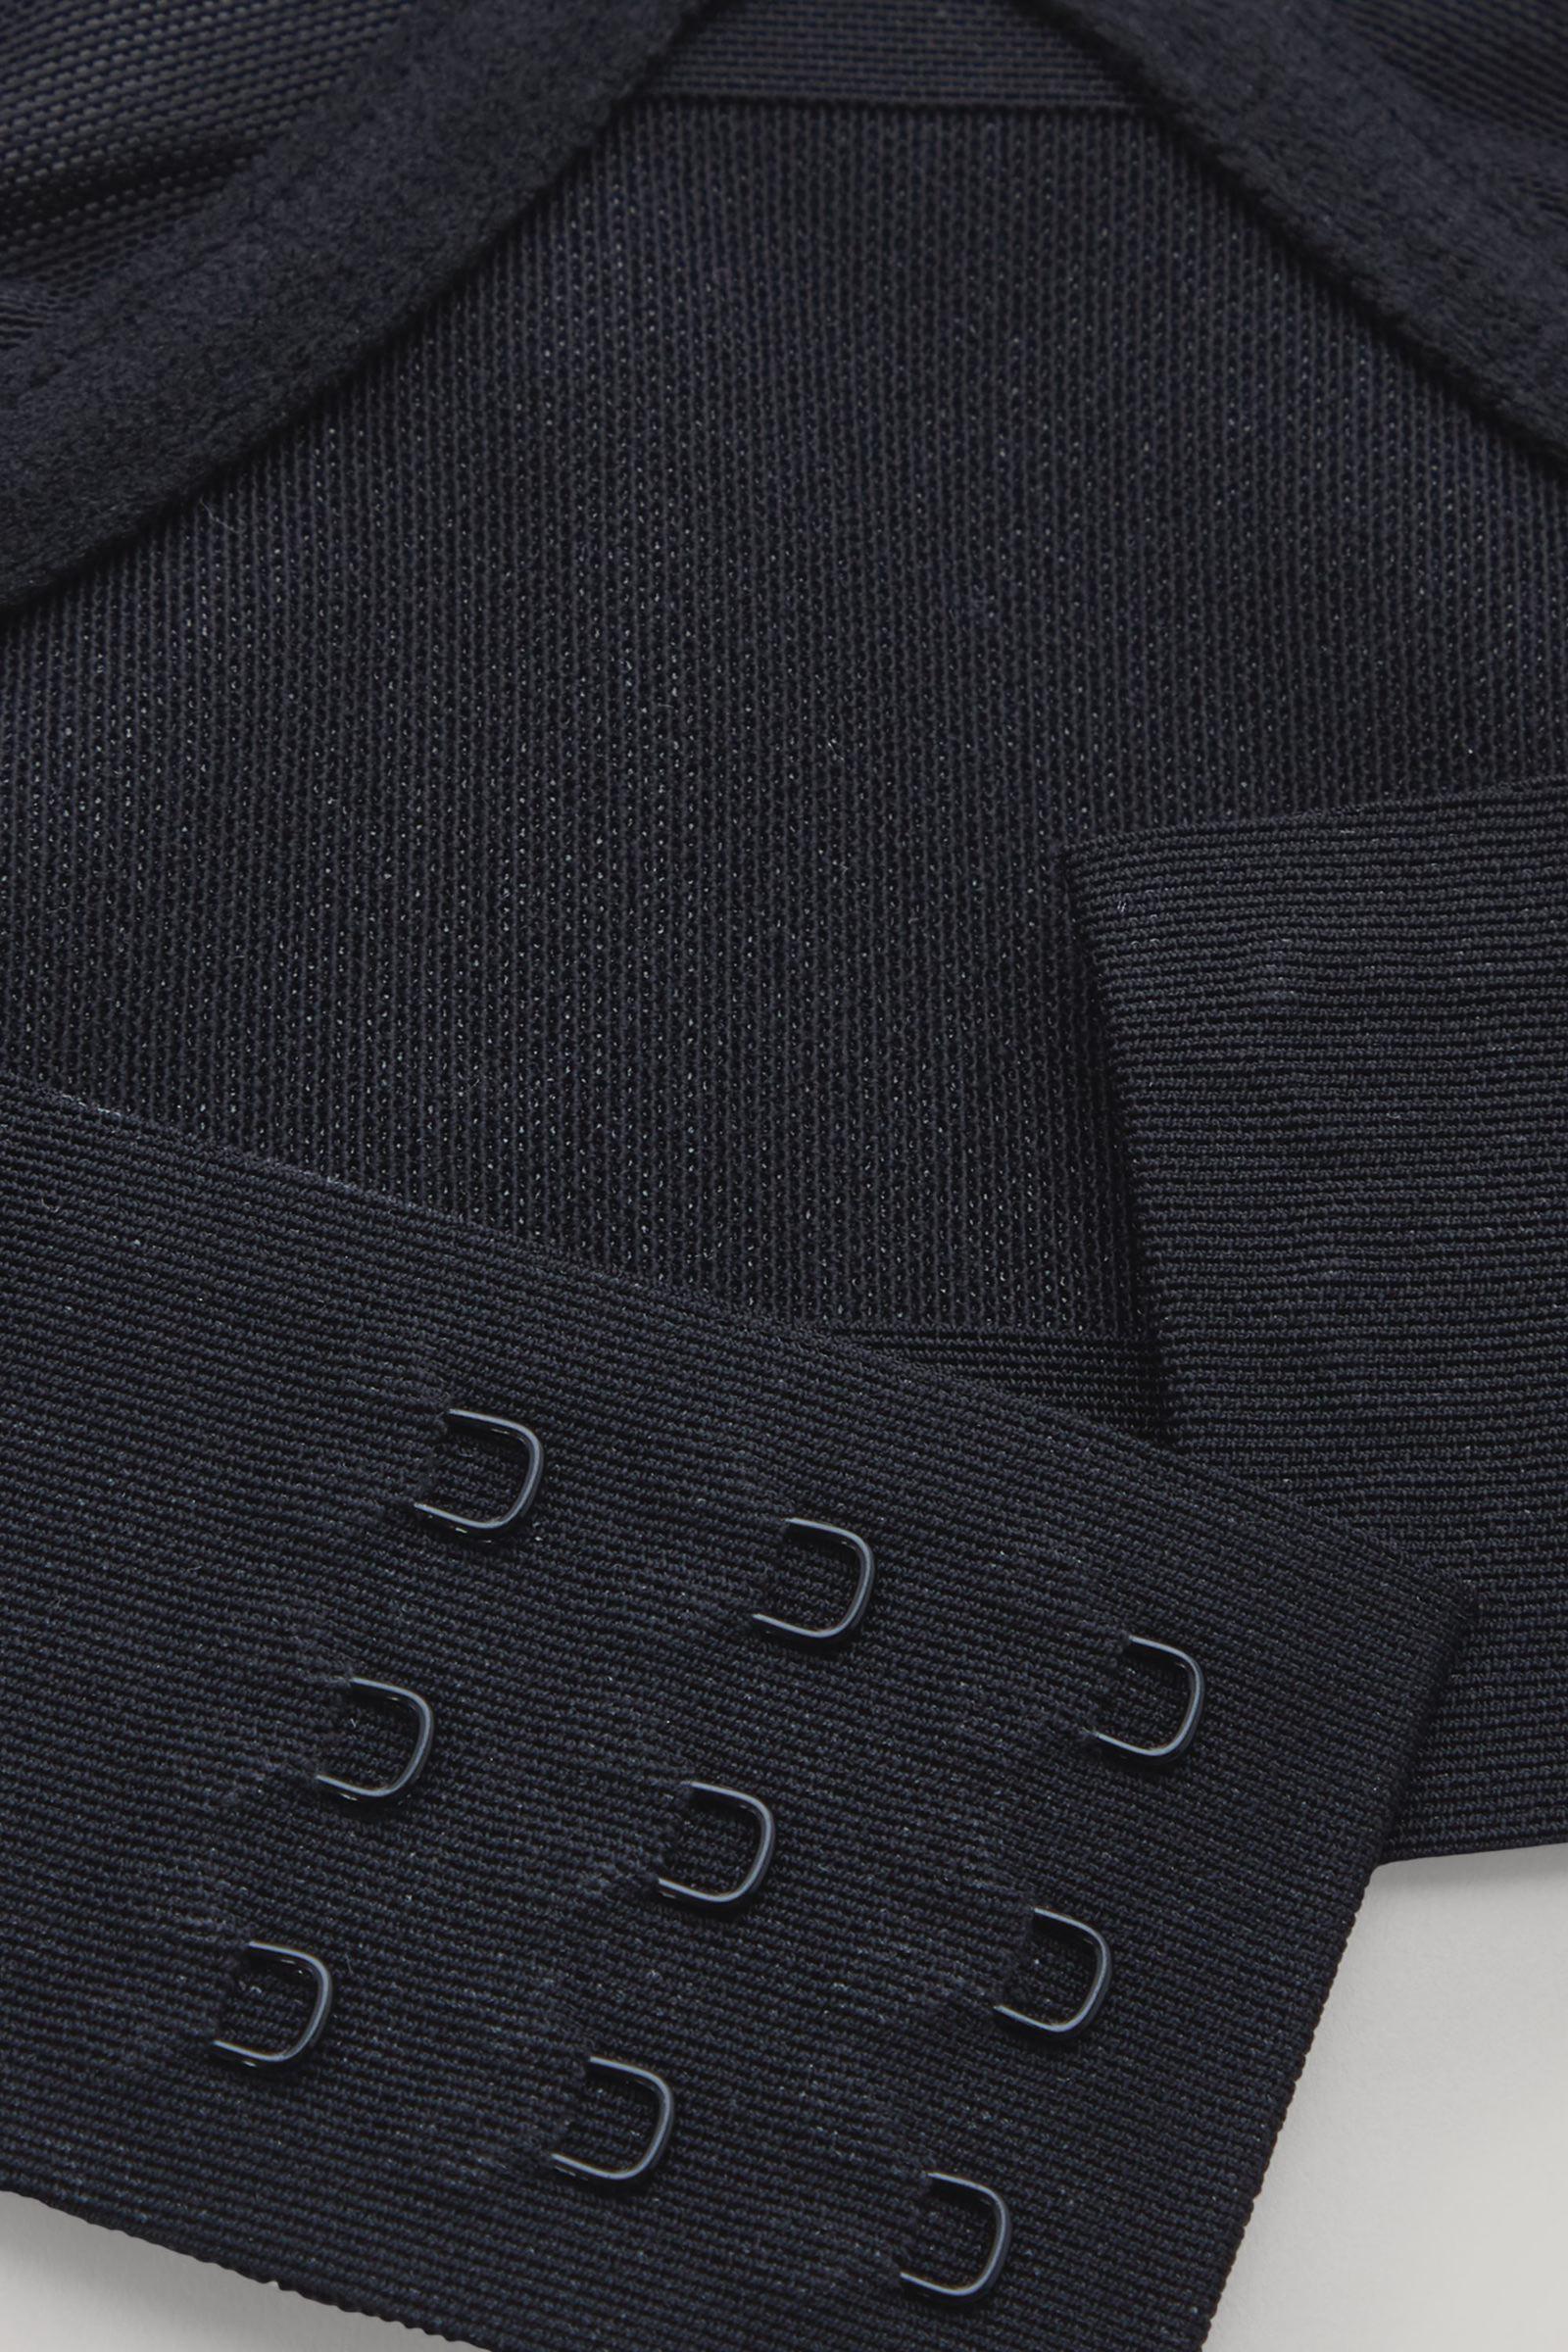 COS 메쉬 언더와이어드 브라의 블랙컬러 Detail입니다.